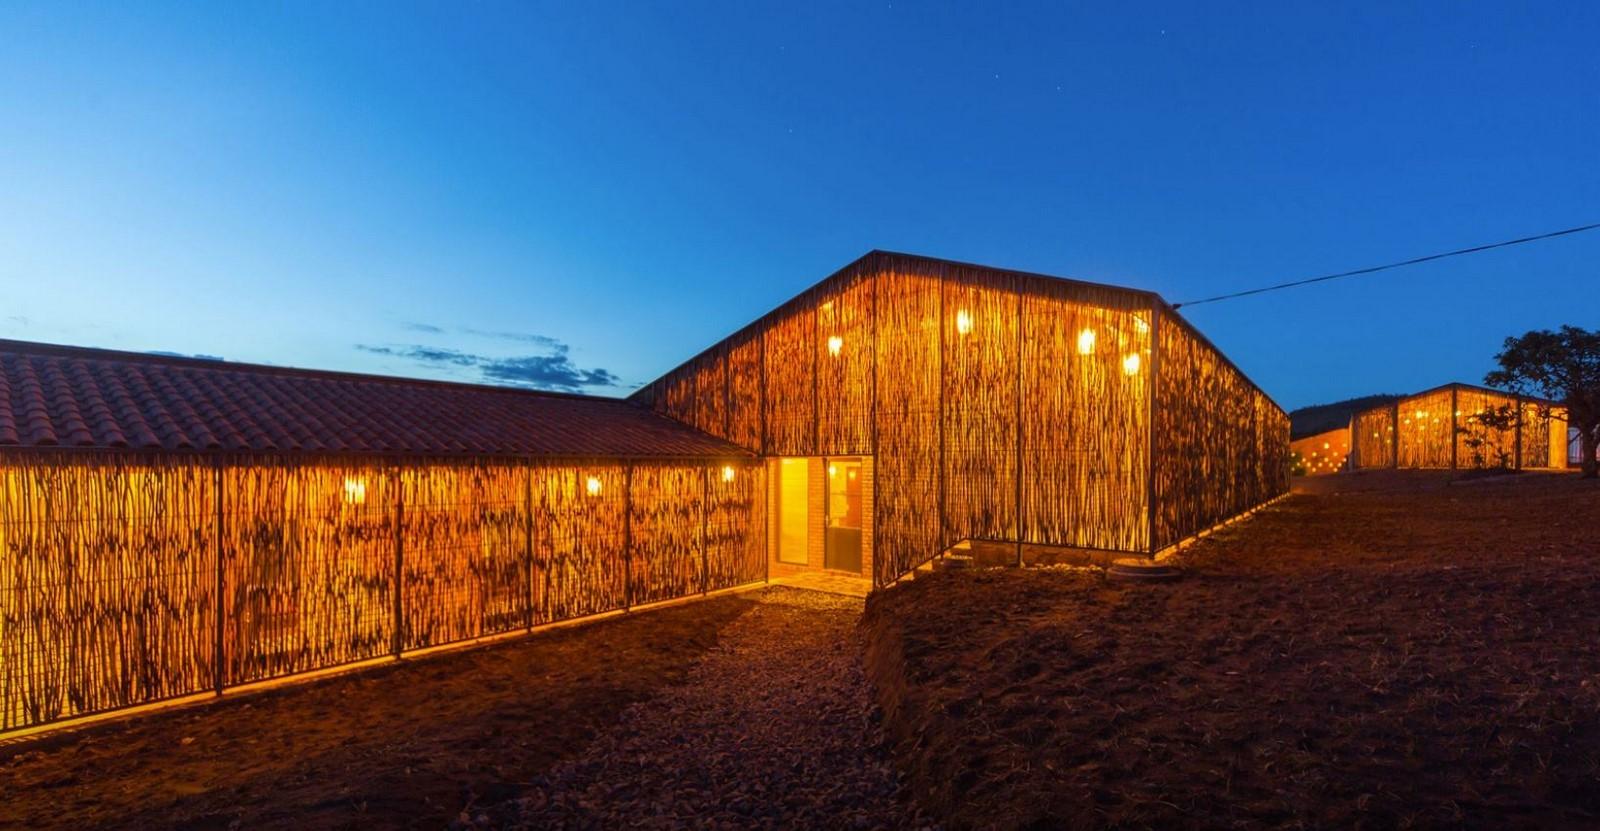 Rwandan Share Houses - Rwinkwavu, Rwanda - Sheet1